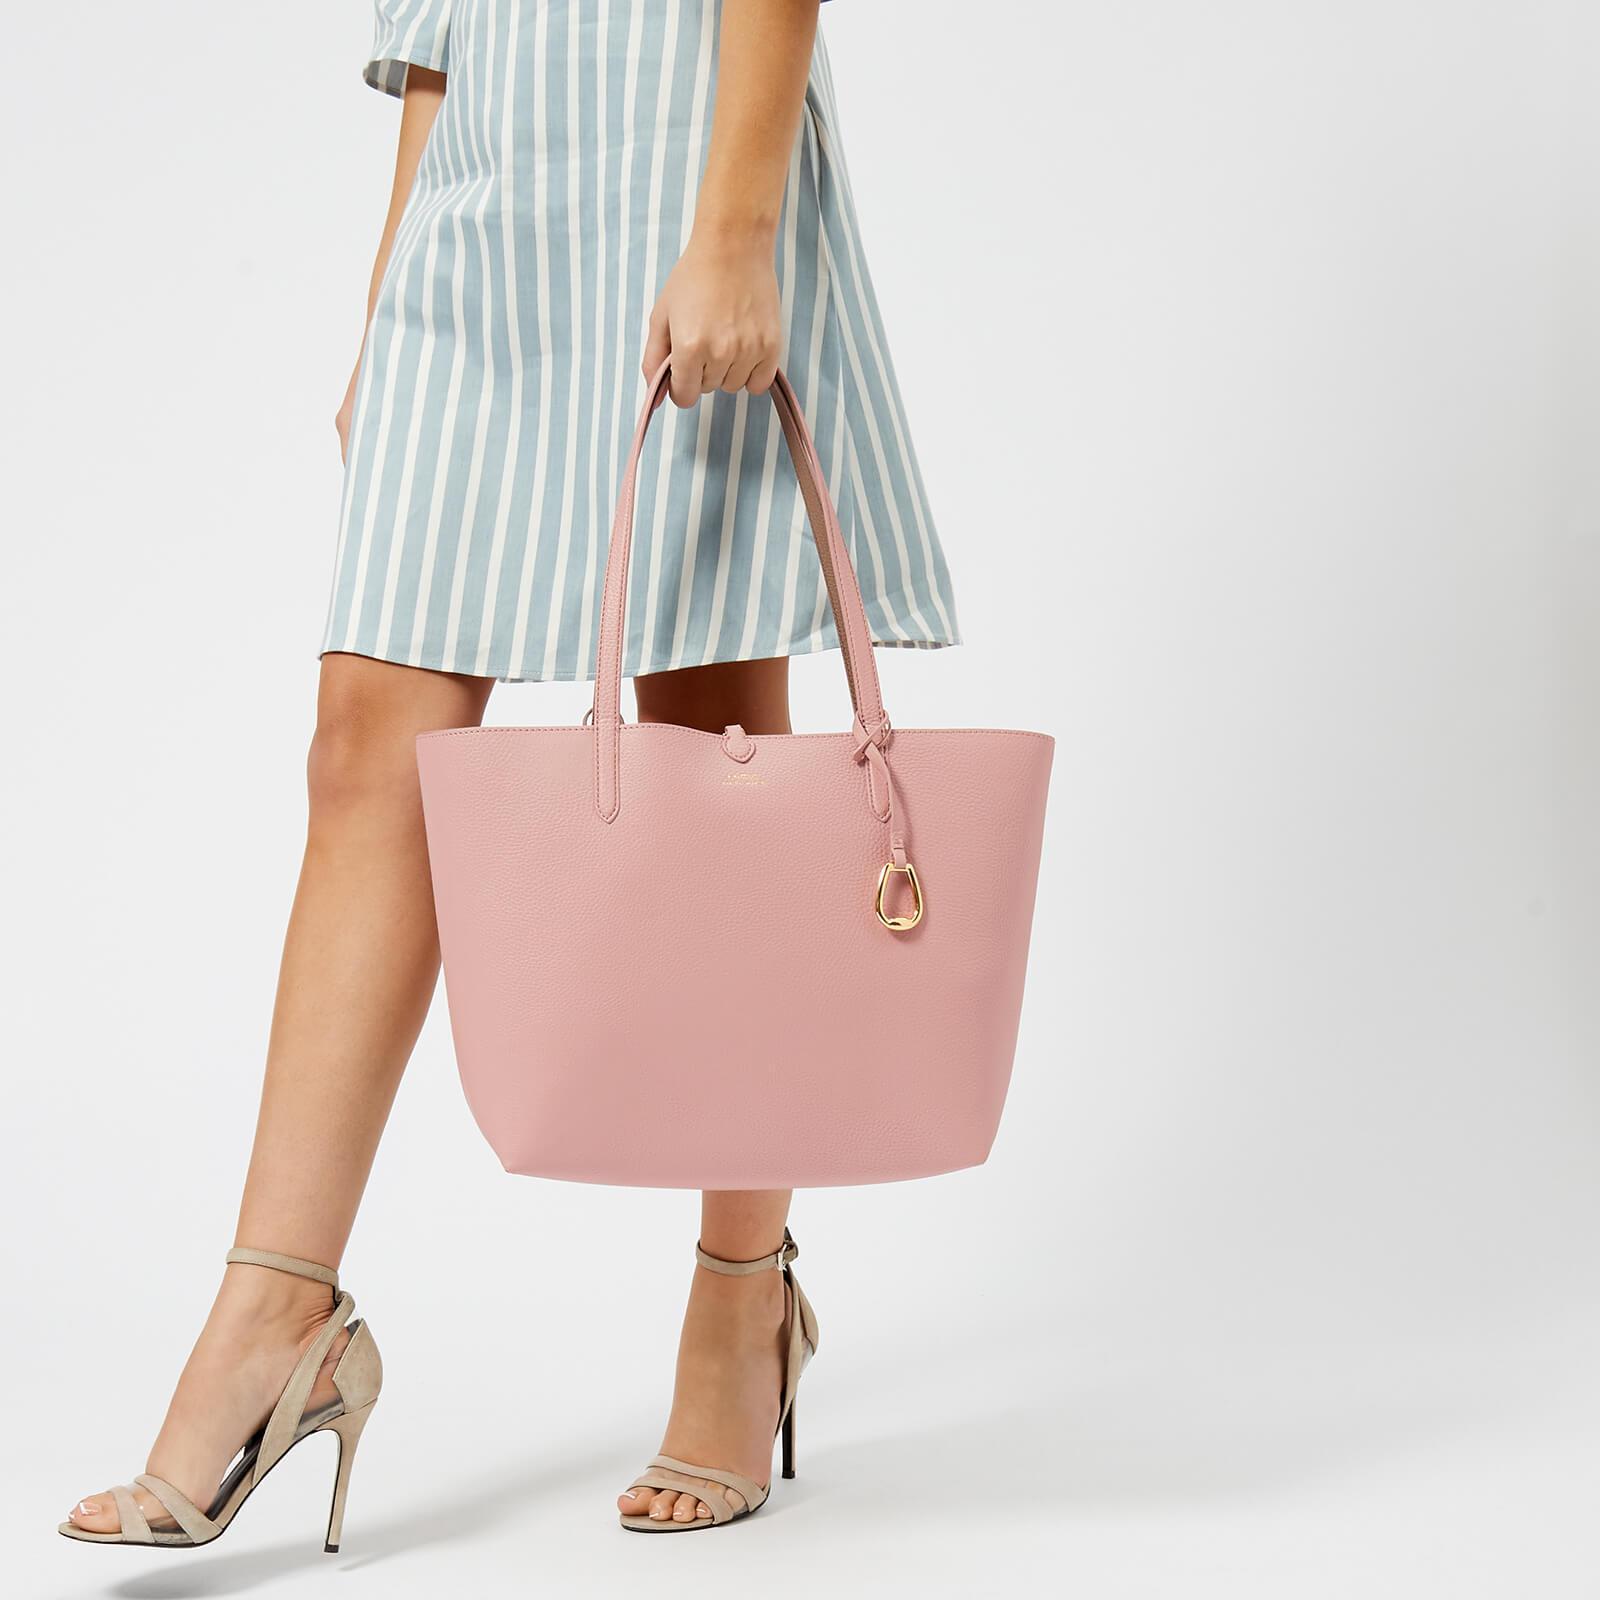 d1b037776 Lauren by Ralph Lauren Merrimack Reversible Tote Bag in Pink - Lyst